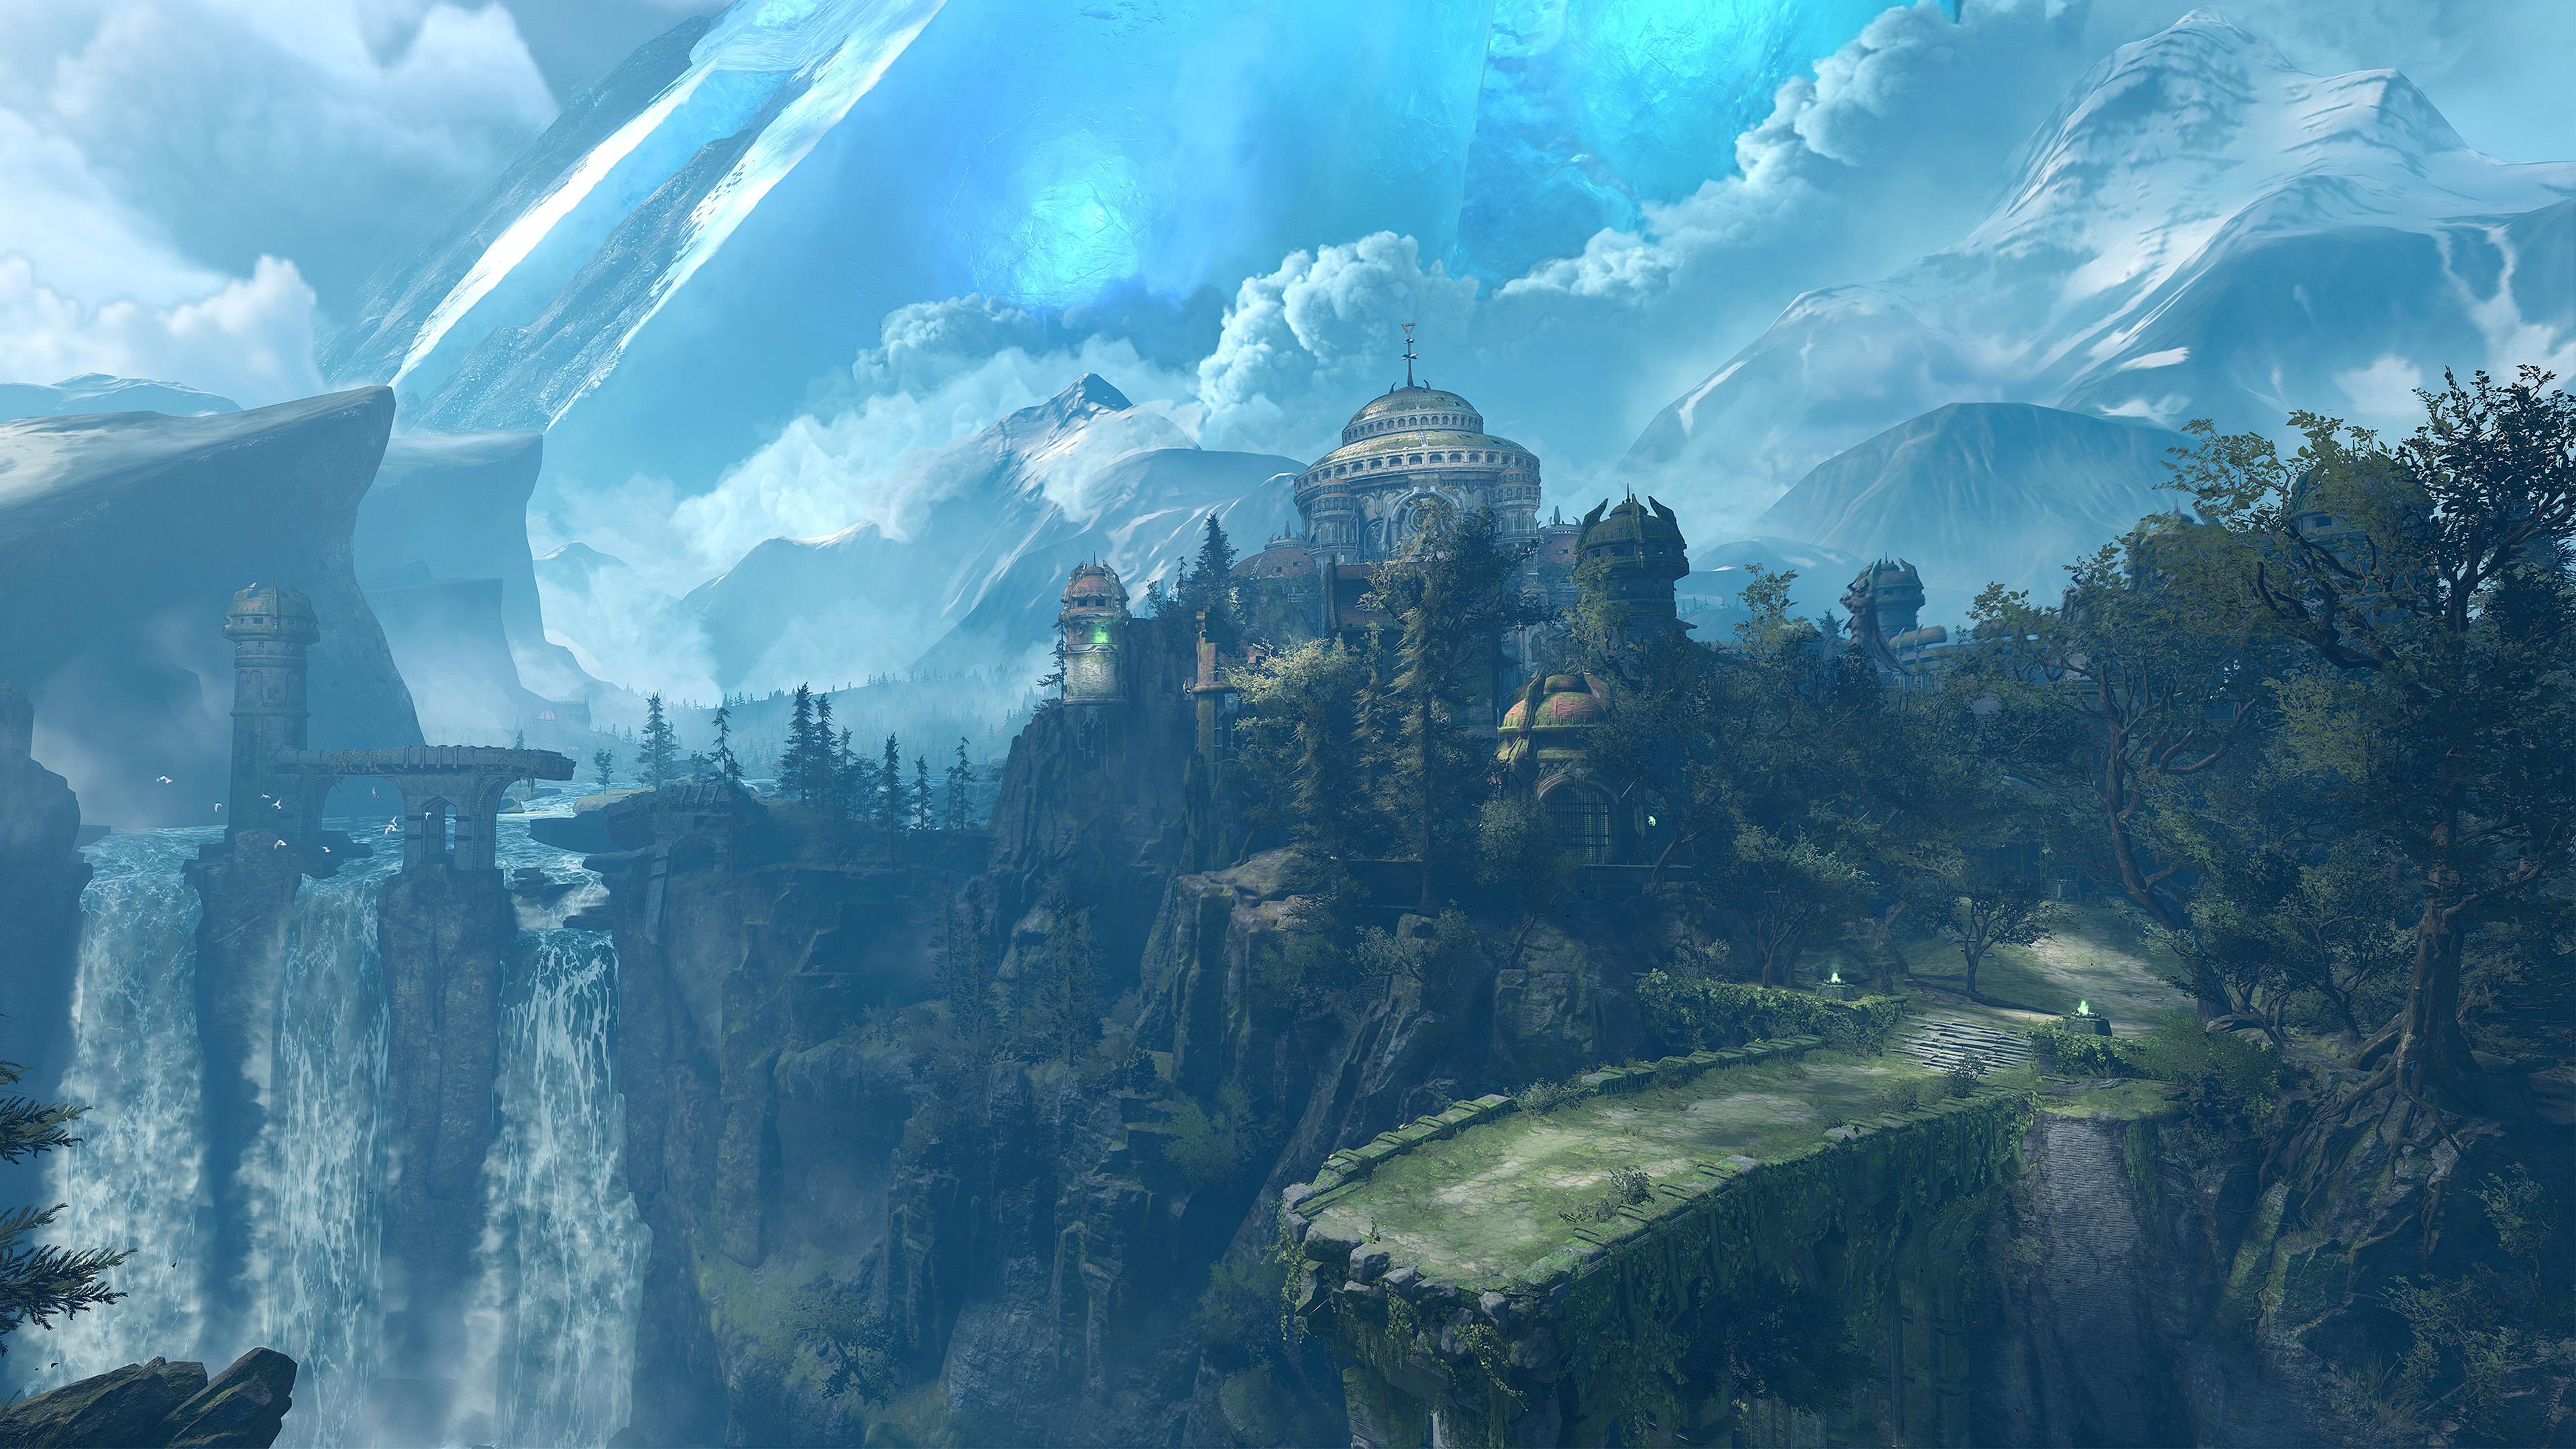 Скриншот №1 к DOOM Eternal The Ancient Gods - часть 2 Add-On